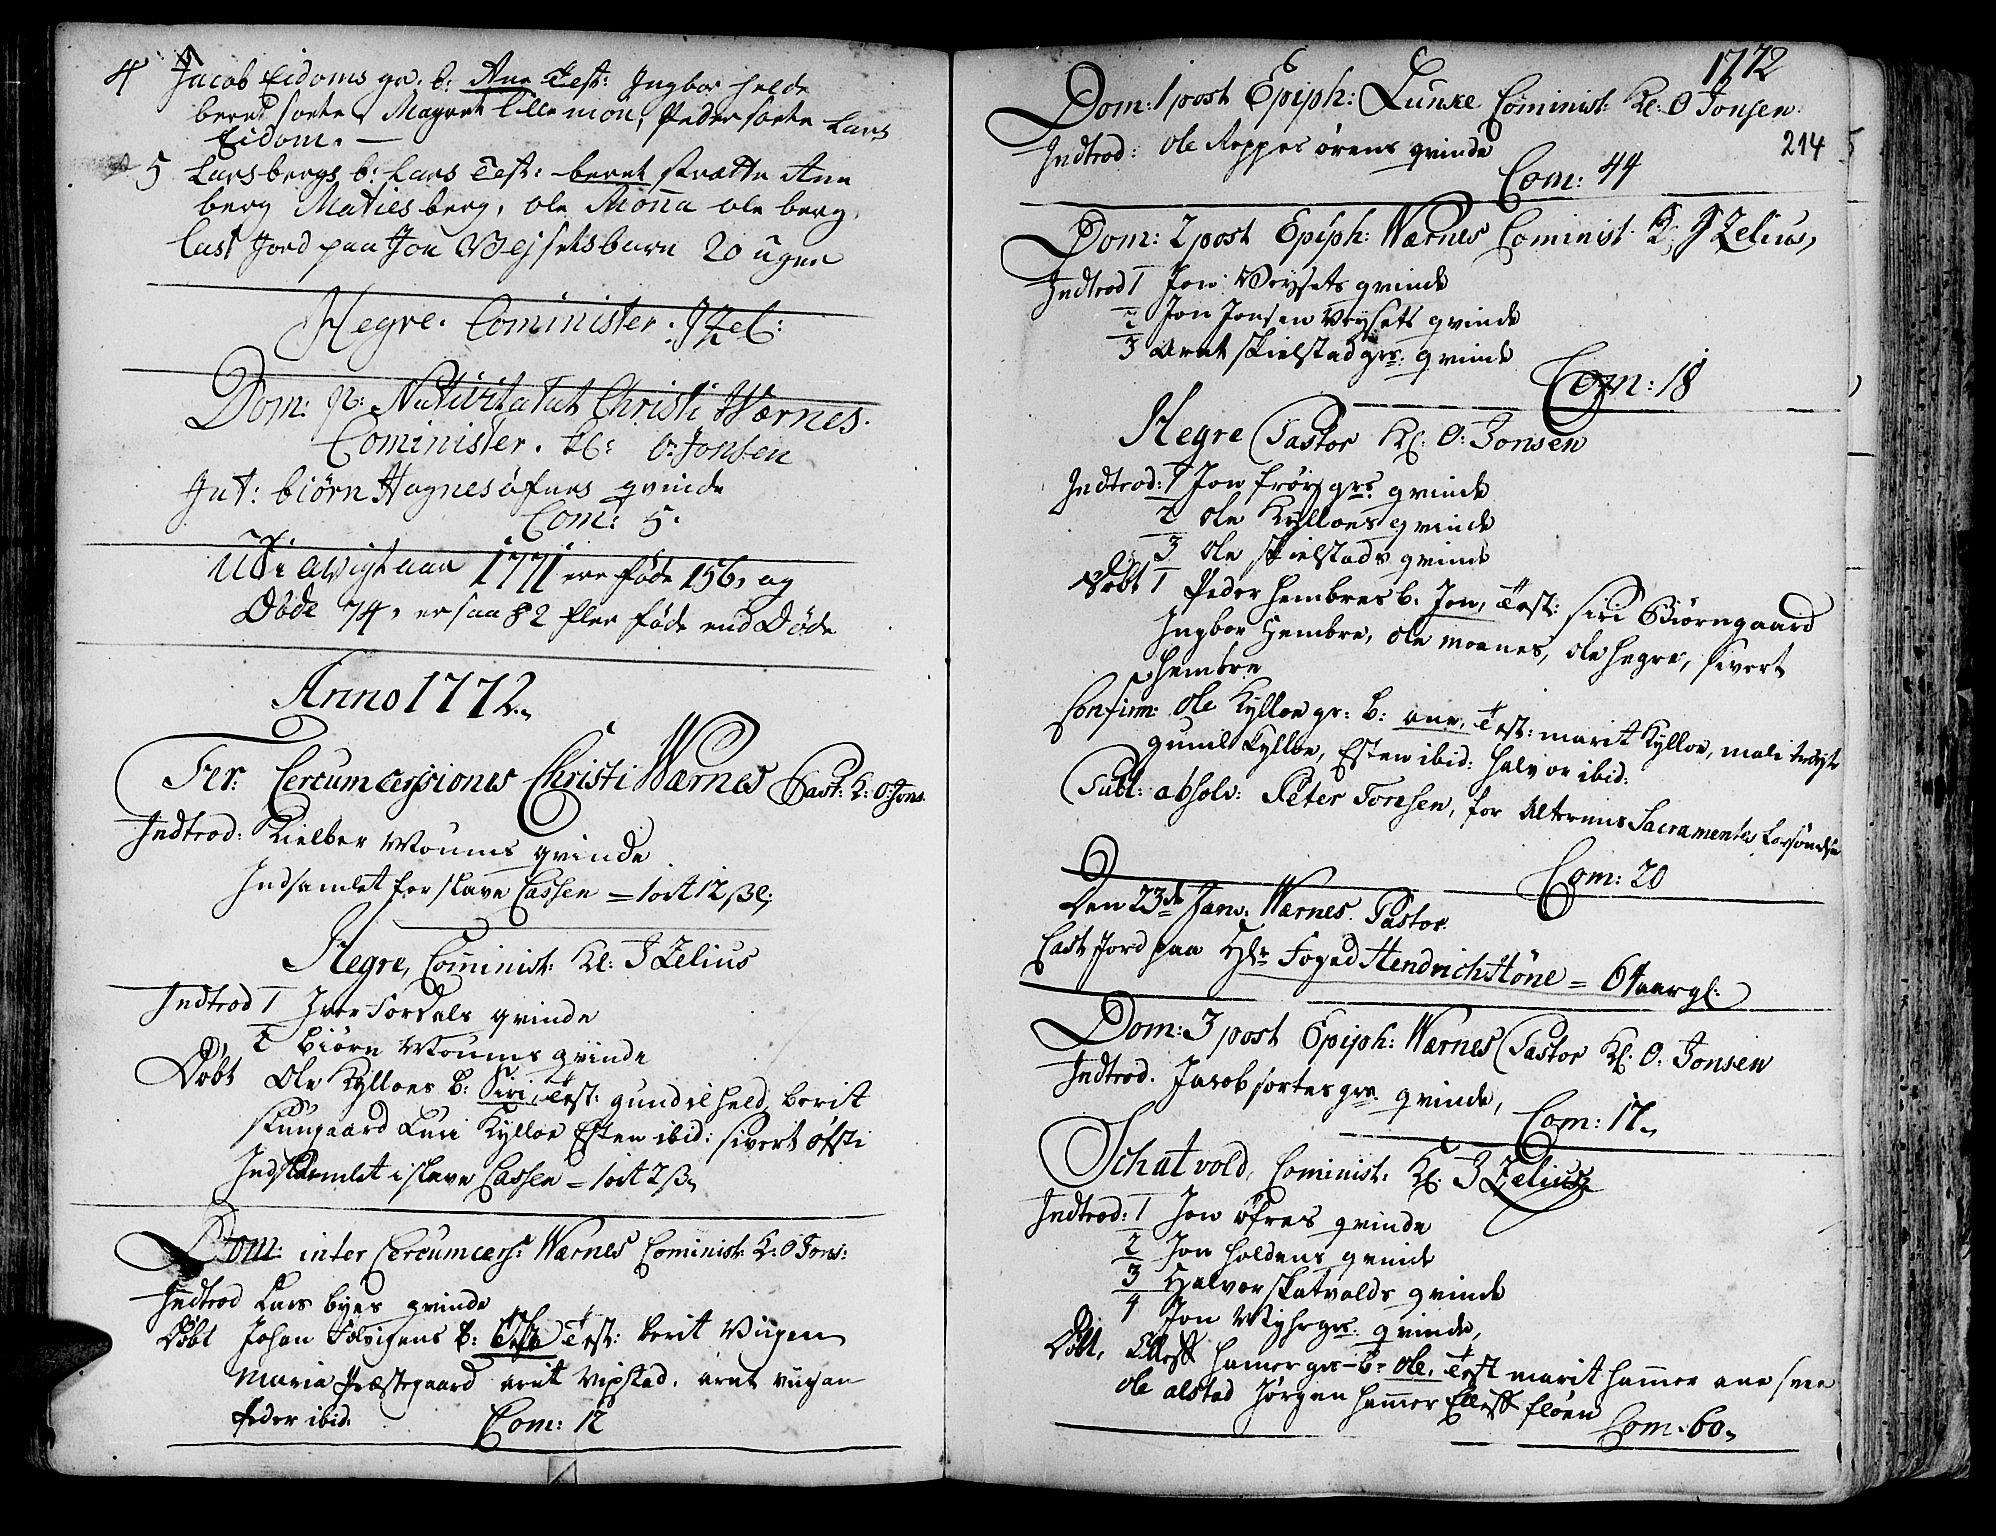 SAT, Ministerialprotokoller, klokkerbøker og fødselsregistre - Nord-Trøndelag, 709/L0057: Ministerialbok nr. 709A05, 1755-1780, s. 214